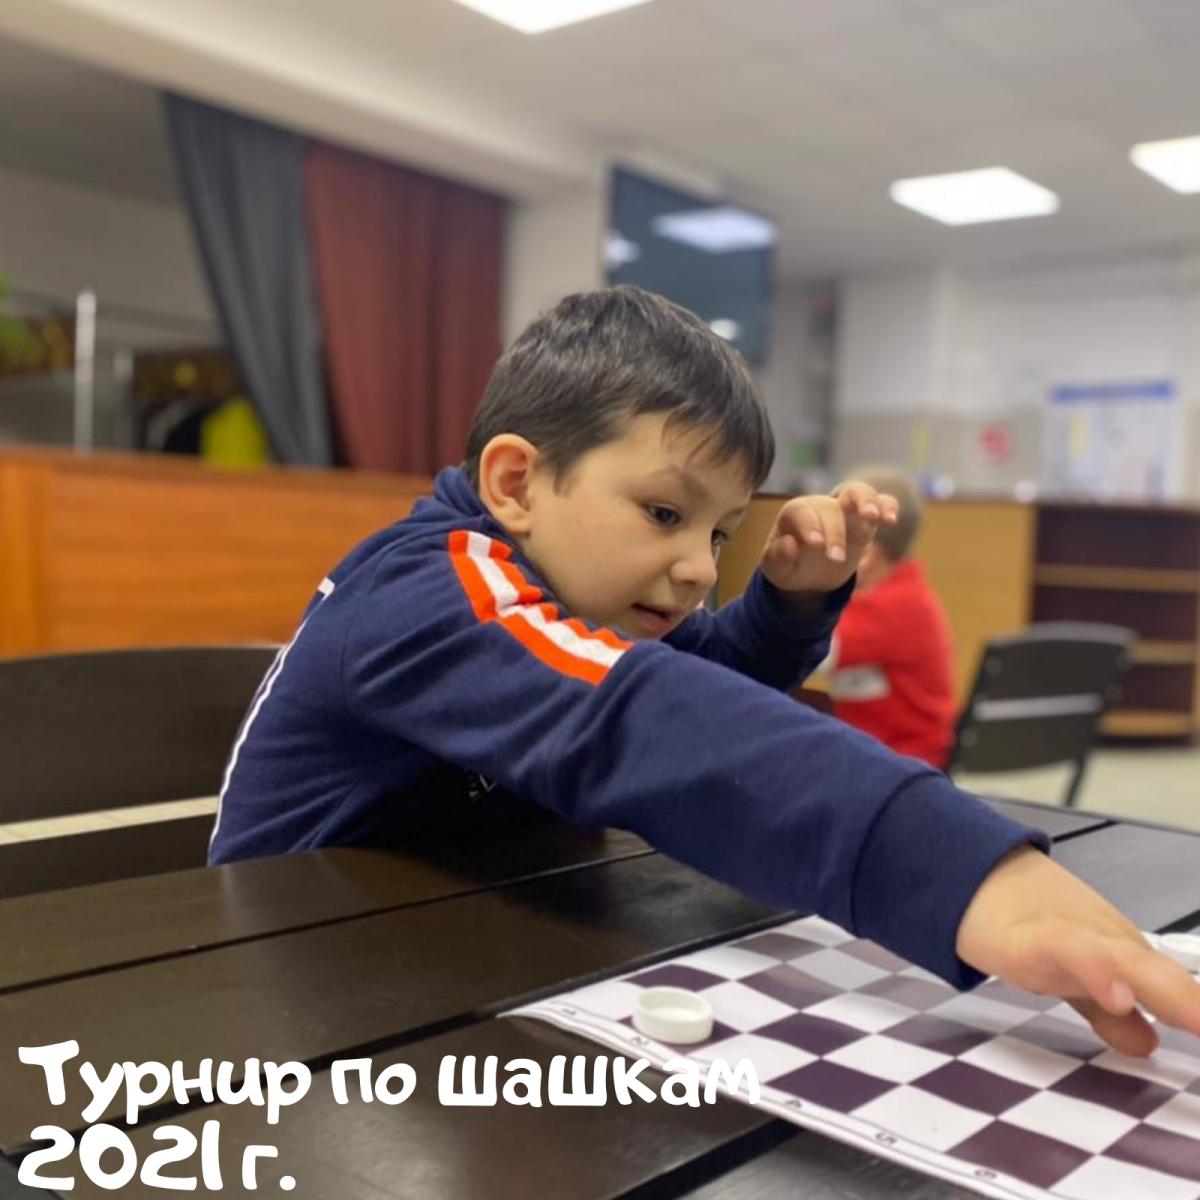 Фестиваль эстрадной песни _Музыка, Виват!_ 2021 год (39)